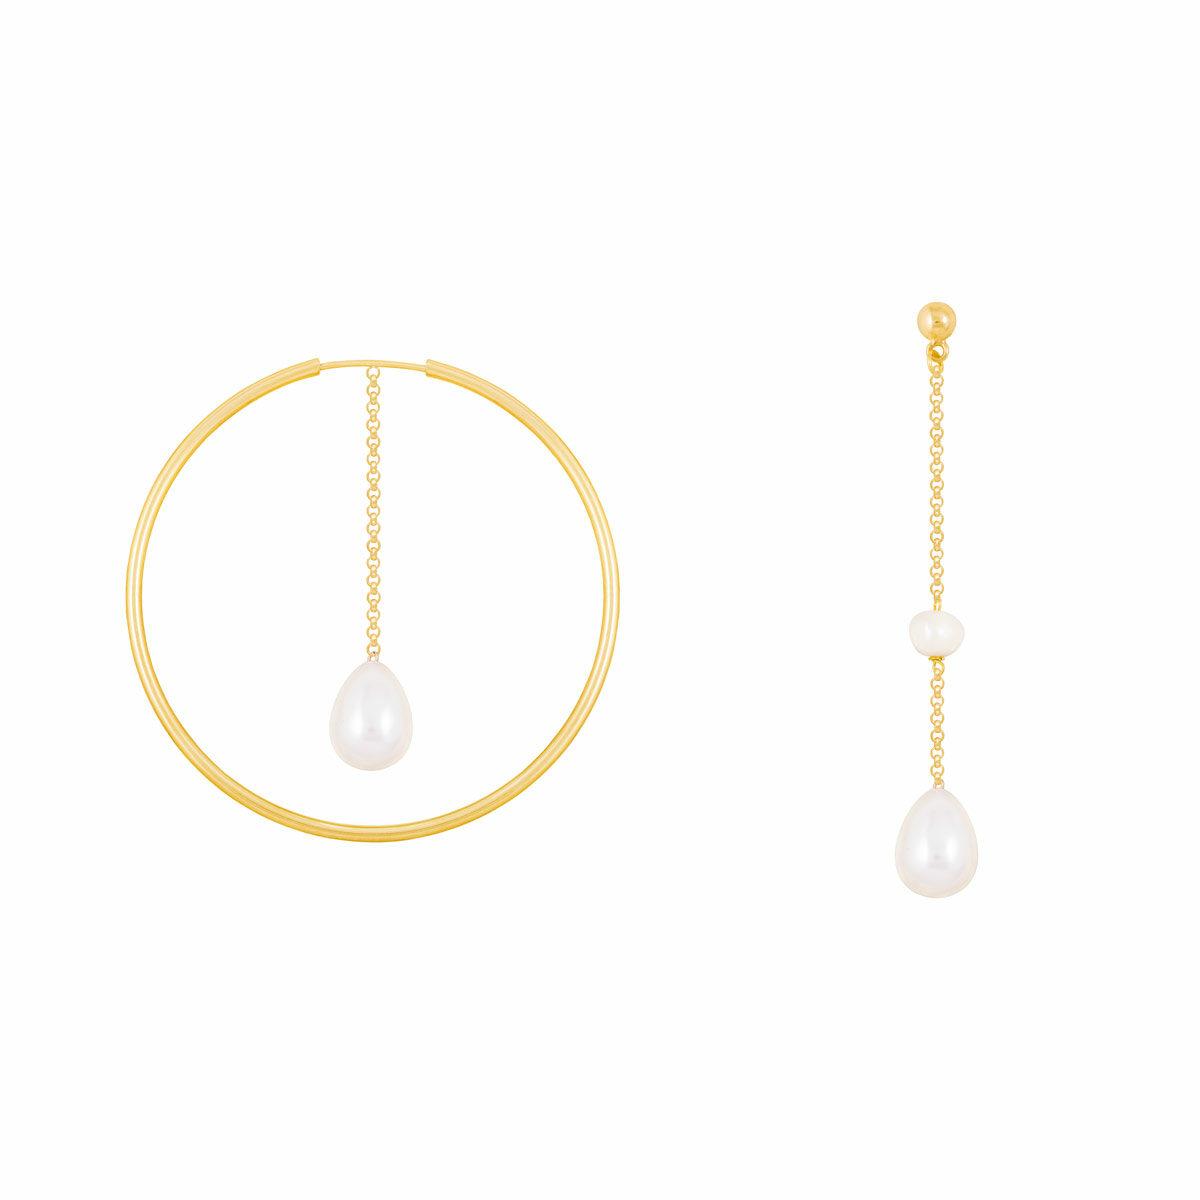 گوشواره طلا حلقه و زنجیر مروارید